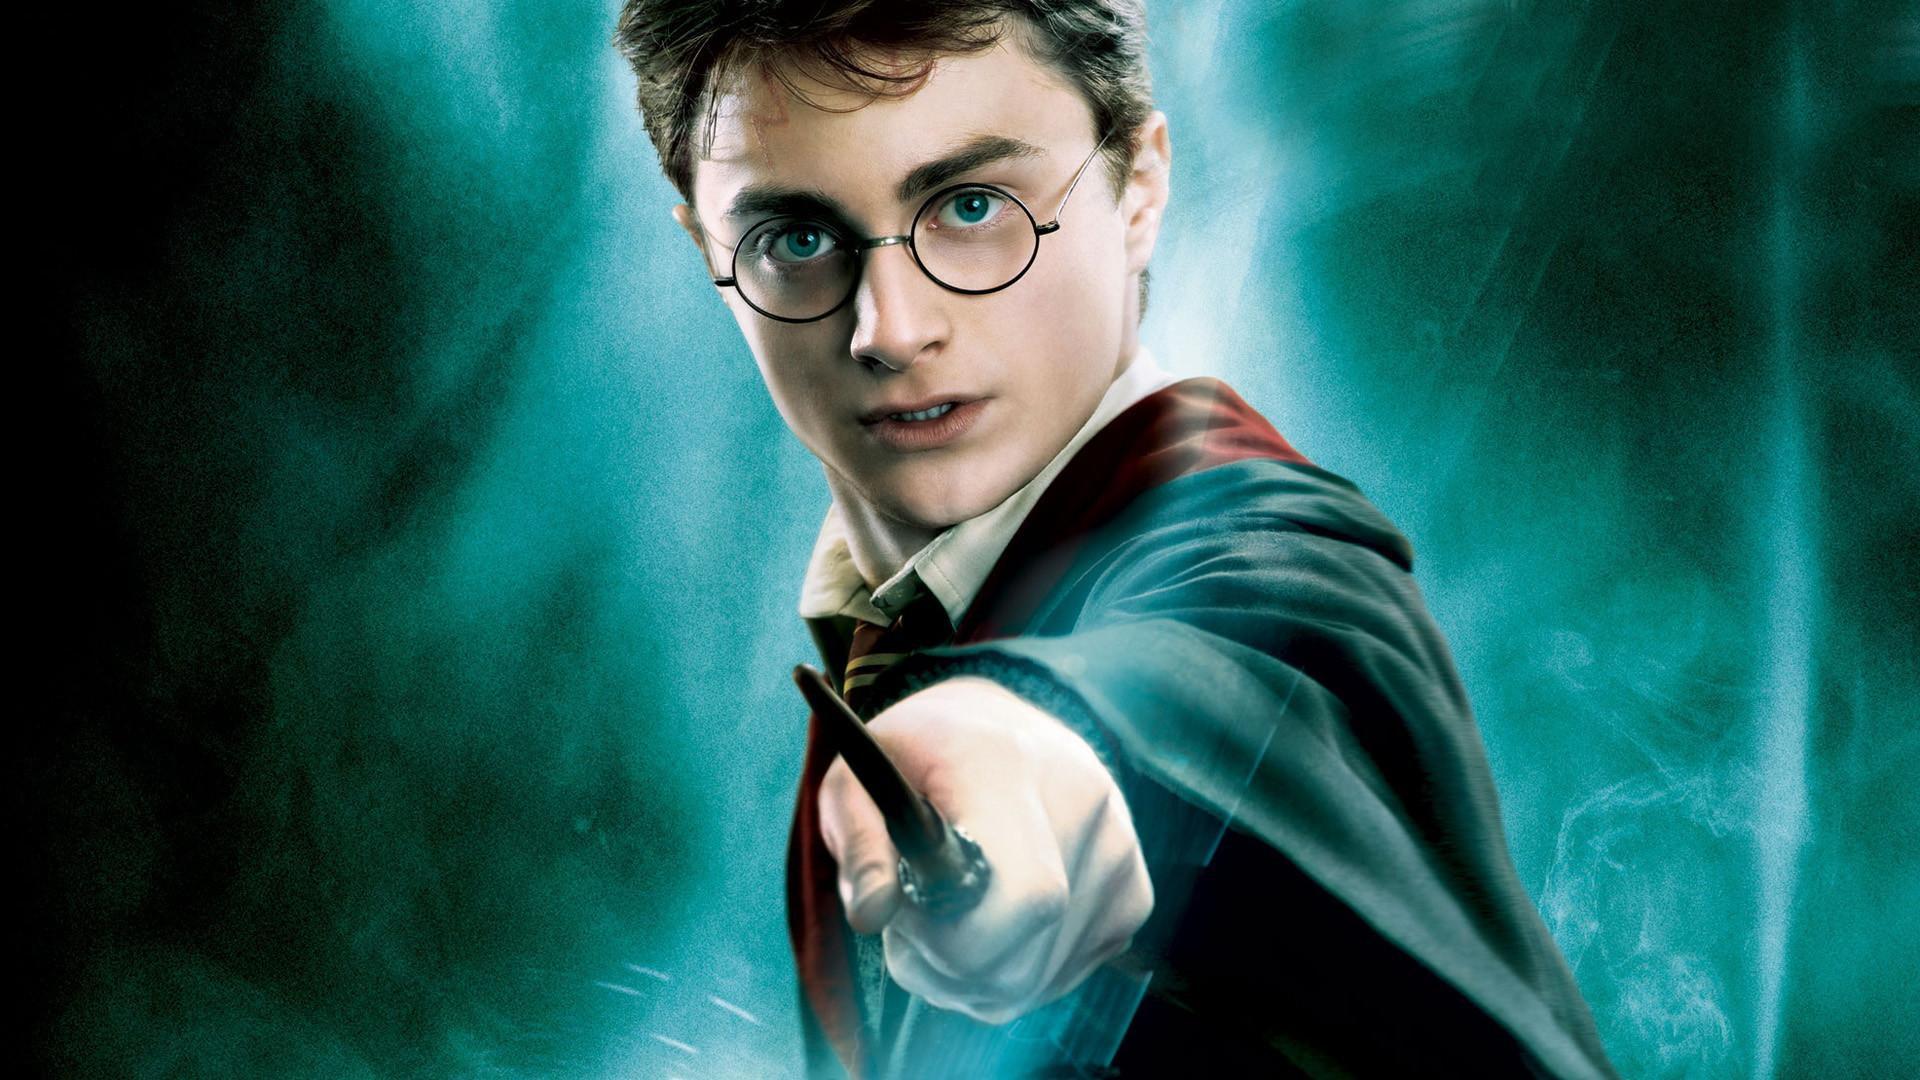 Harry Potter, Hobbit, Władca pierścieni